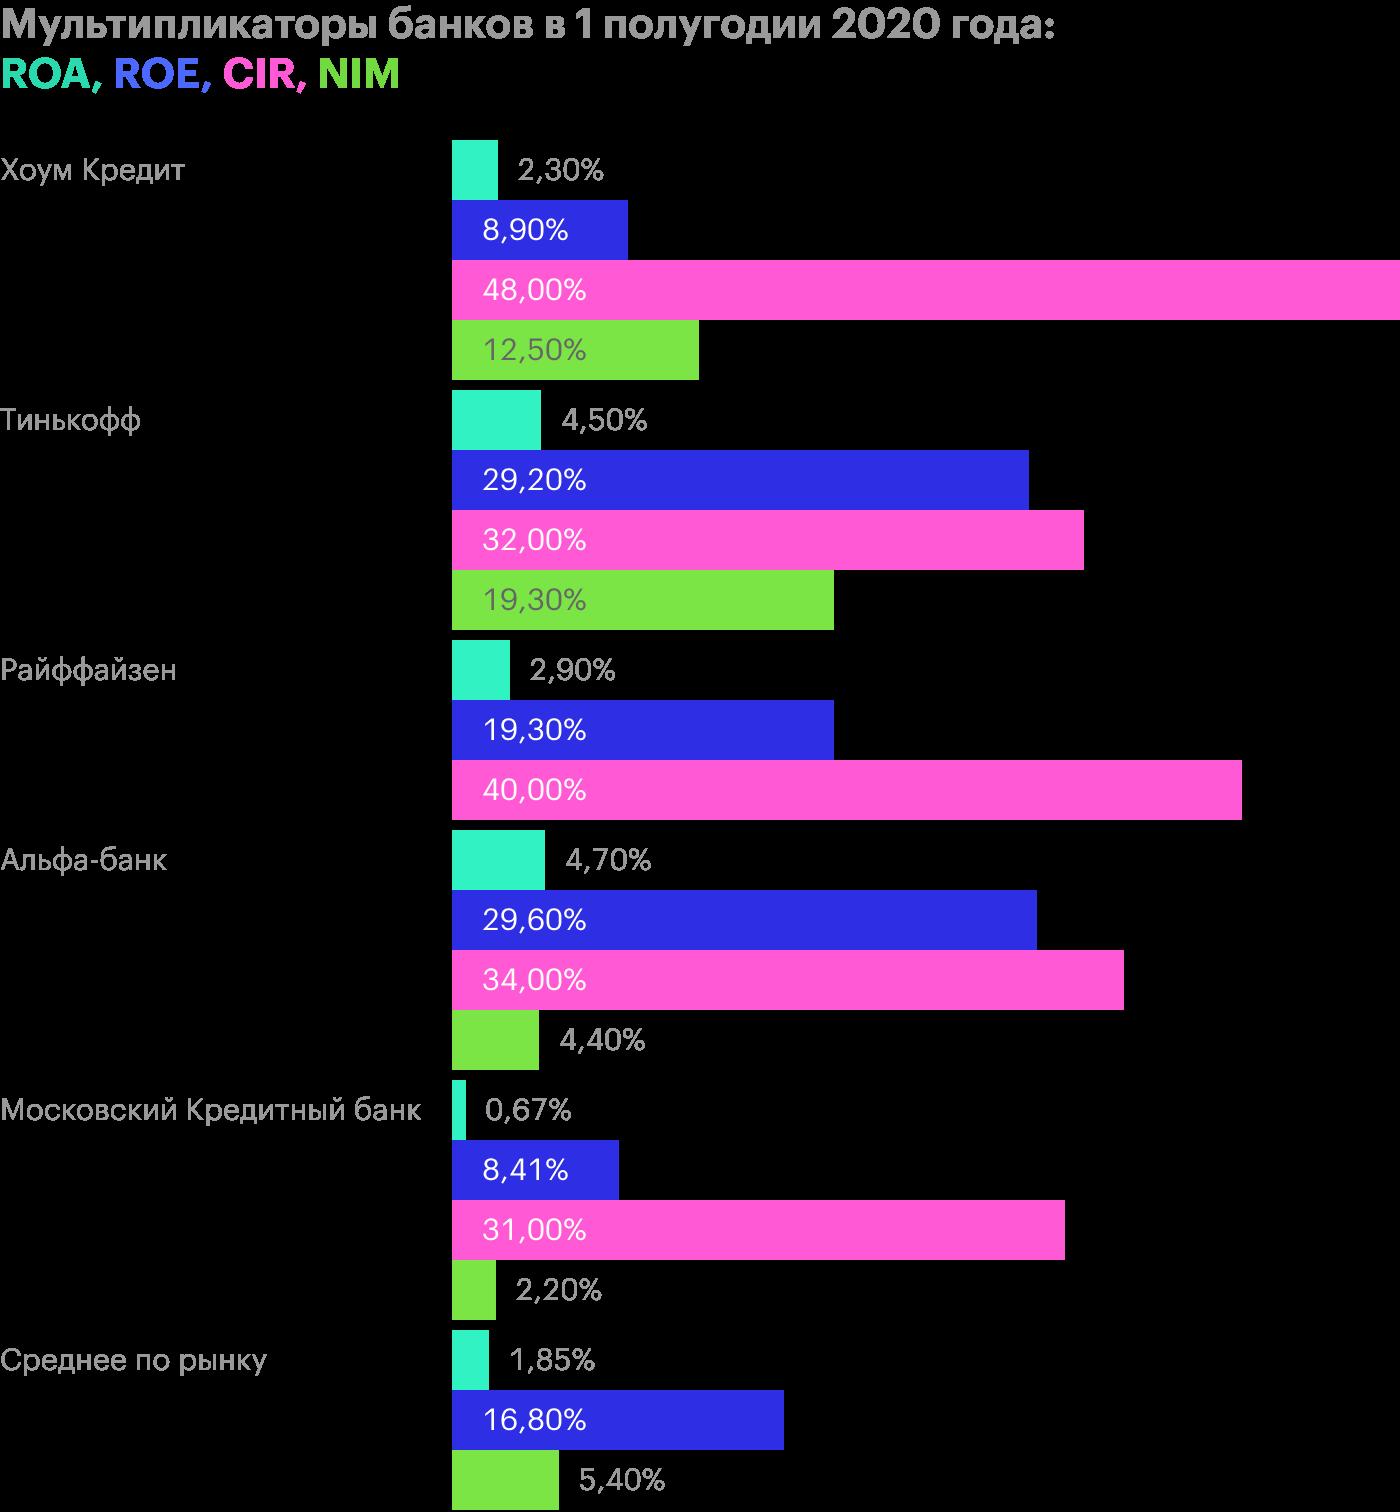 Источник: финансовые отчеты компаний и данные ЦБ